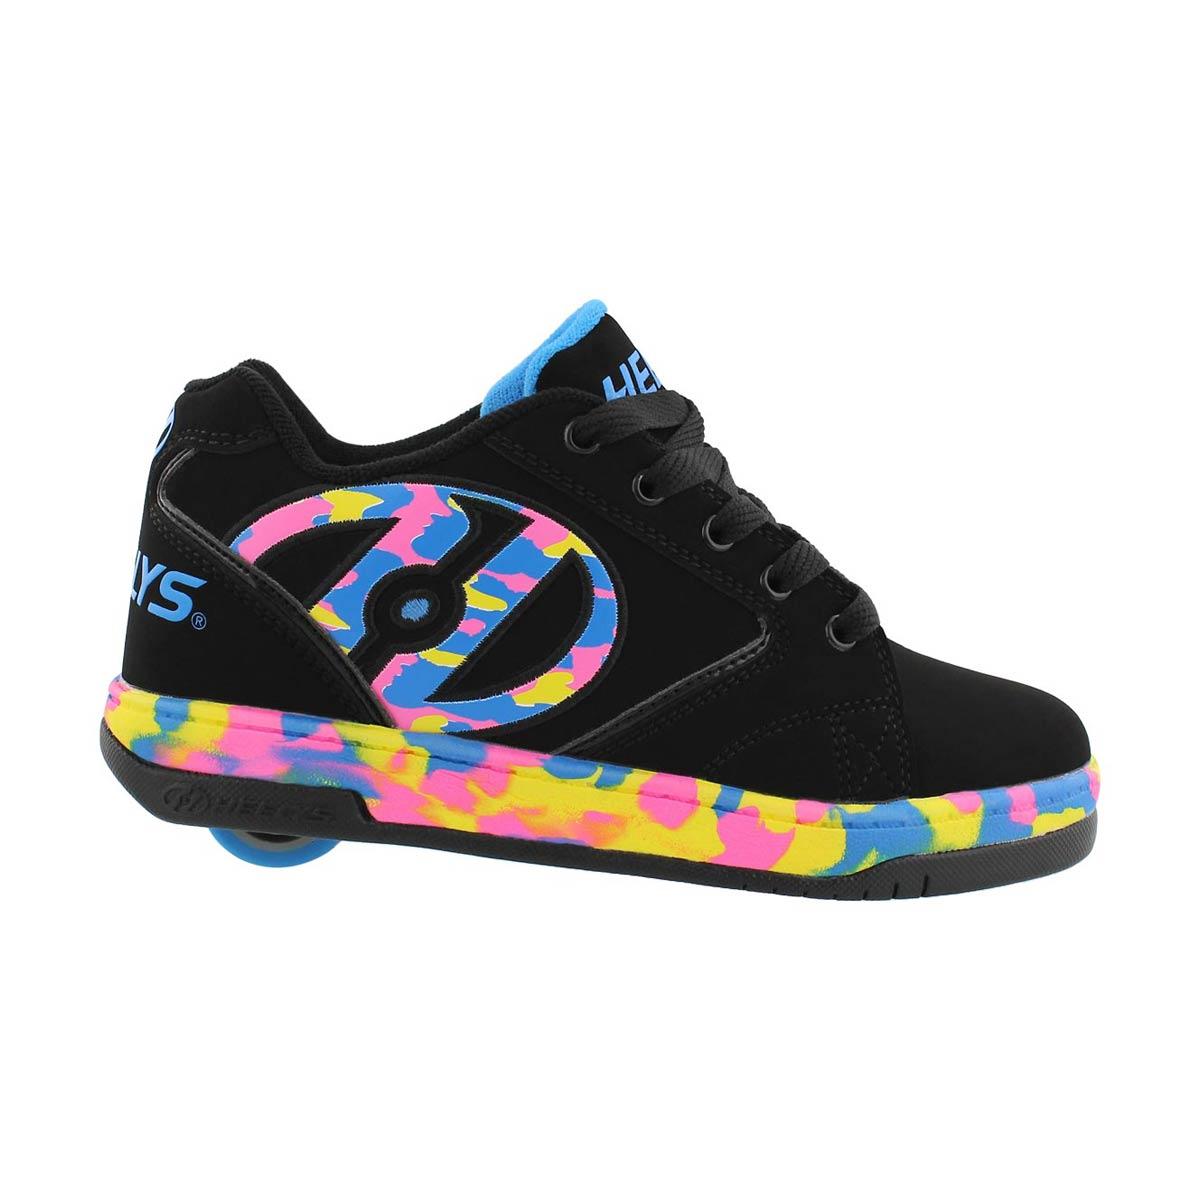 Grls Propel 2.0 blk/multi skate sneaker